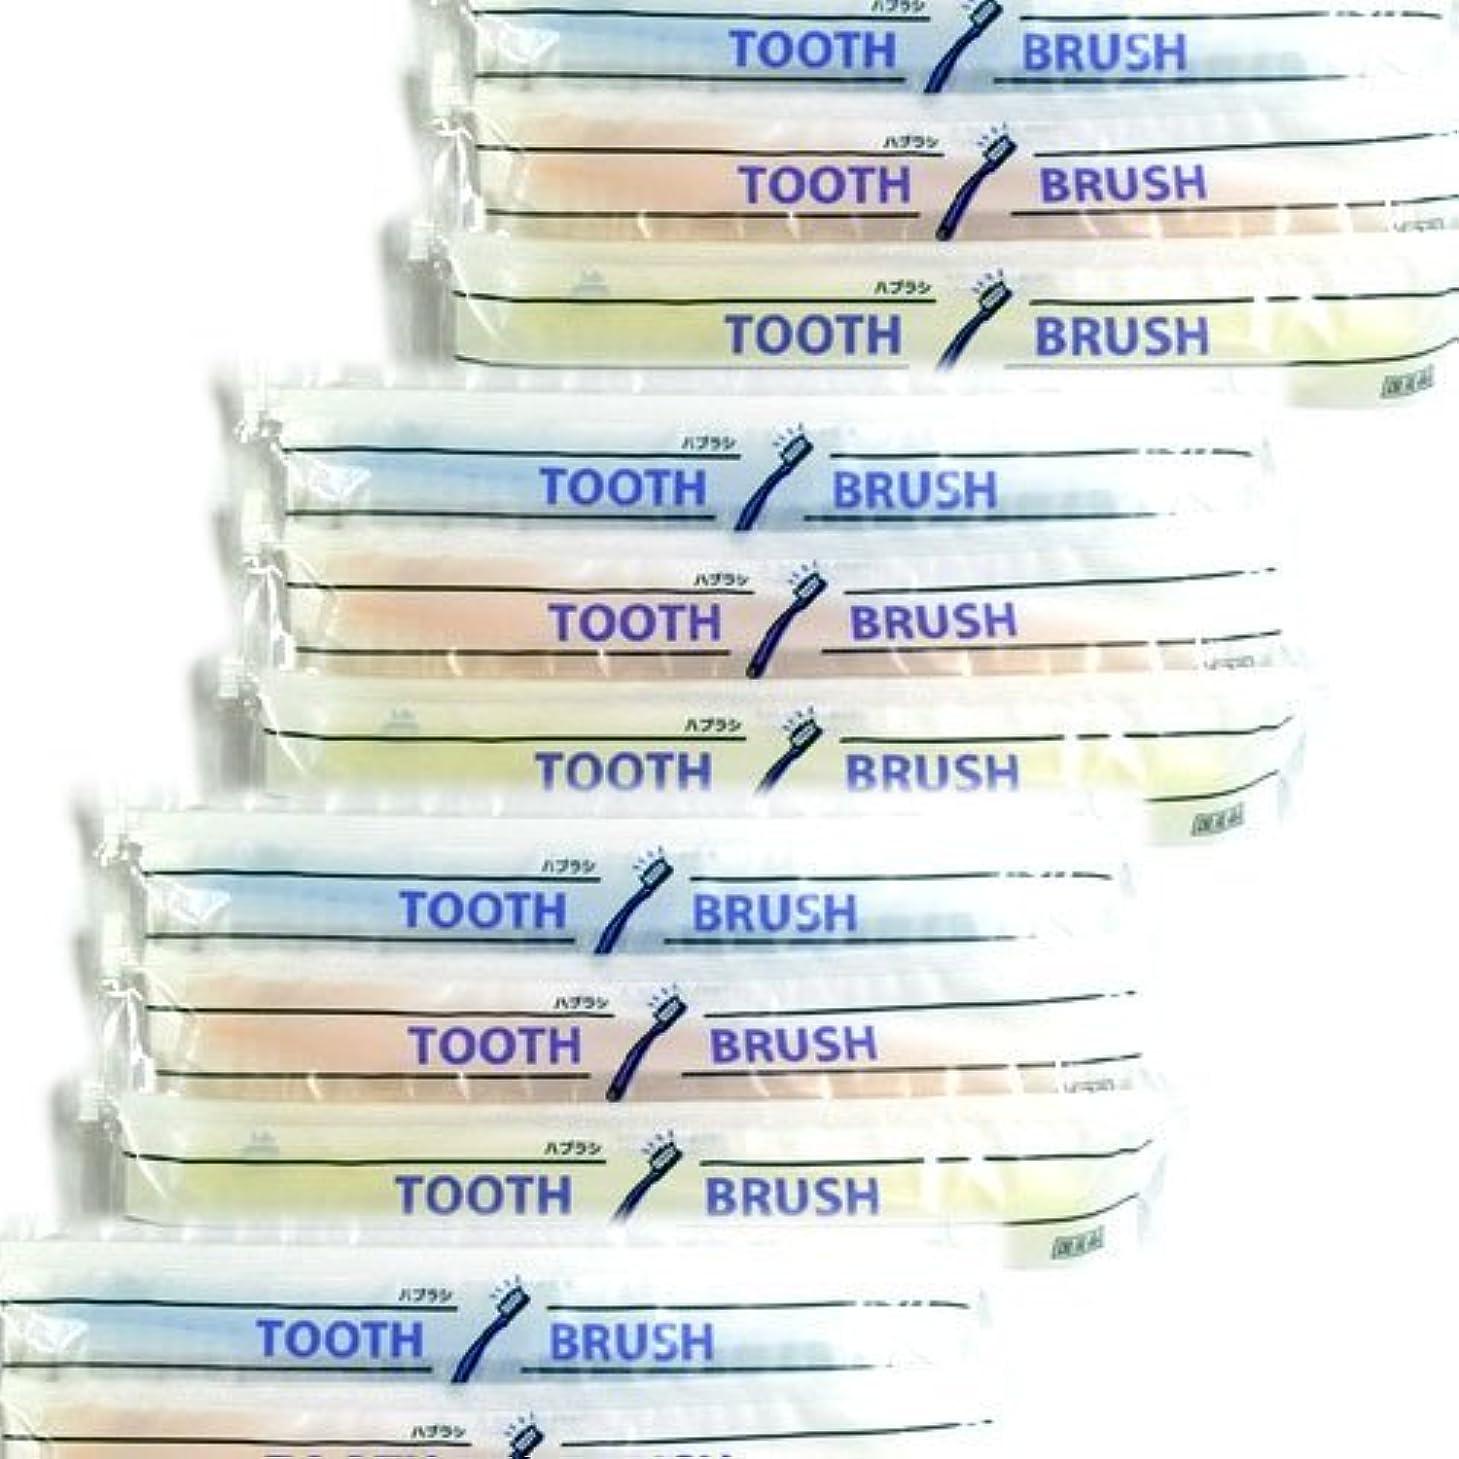 やりがいのある祭りのぞき穴ホテルアメニティ 業務用 使い捨て(インスタント) 粉付き歯ブラシ × 500個セット